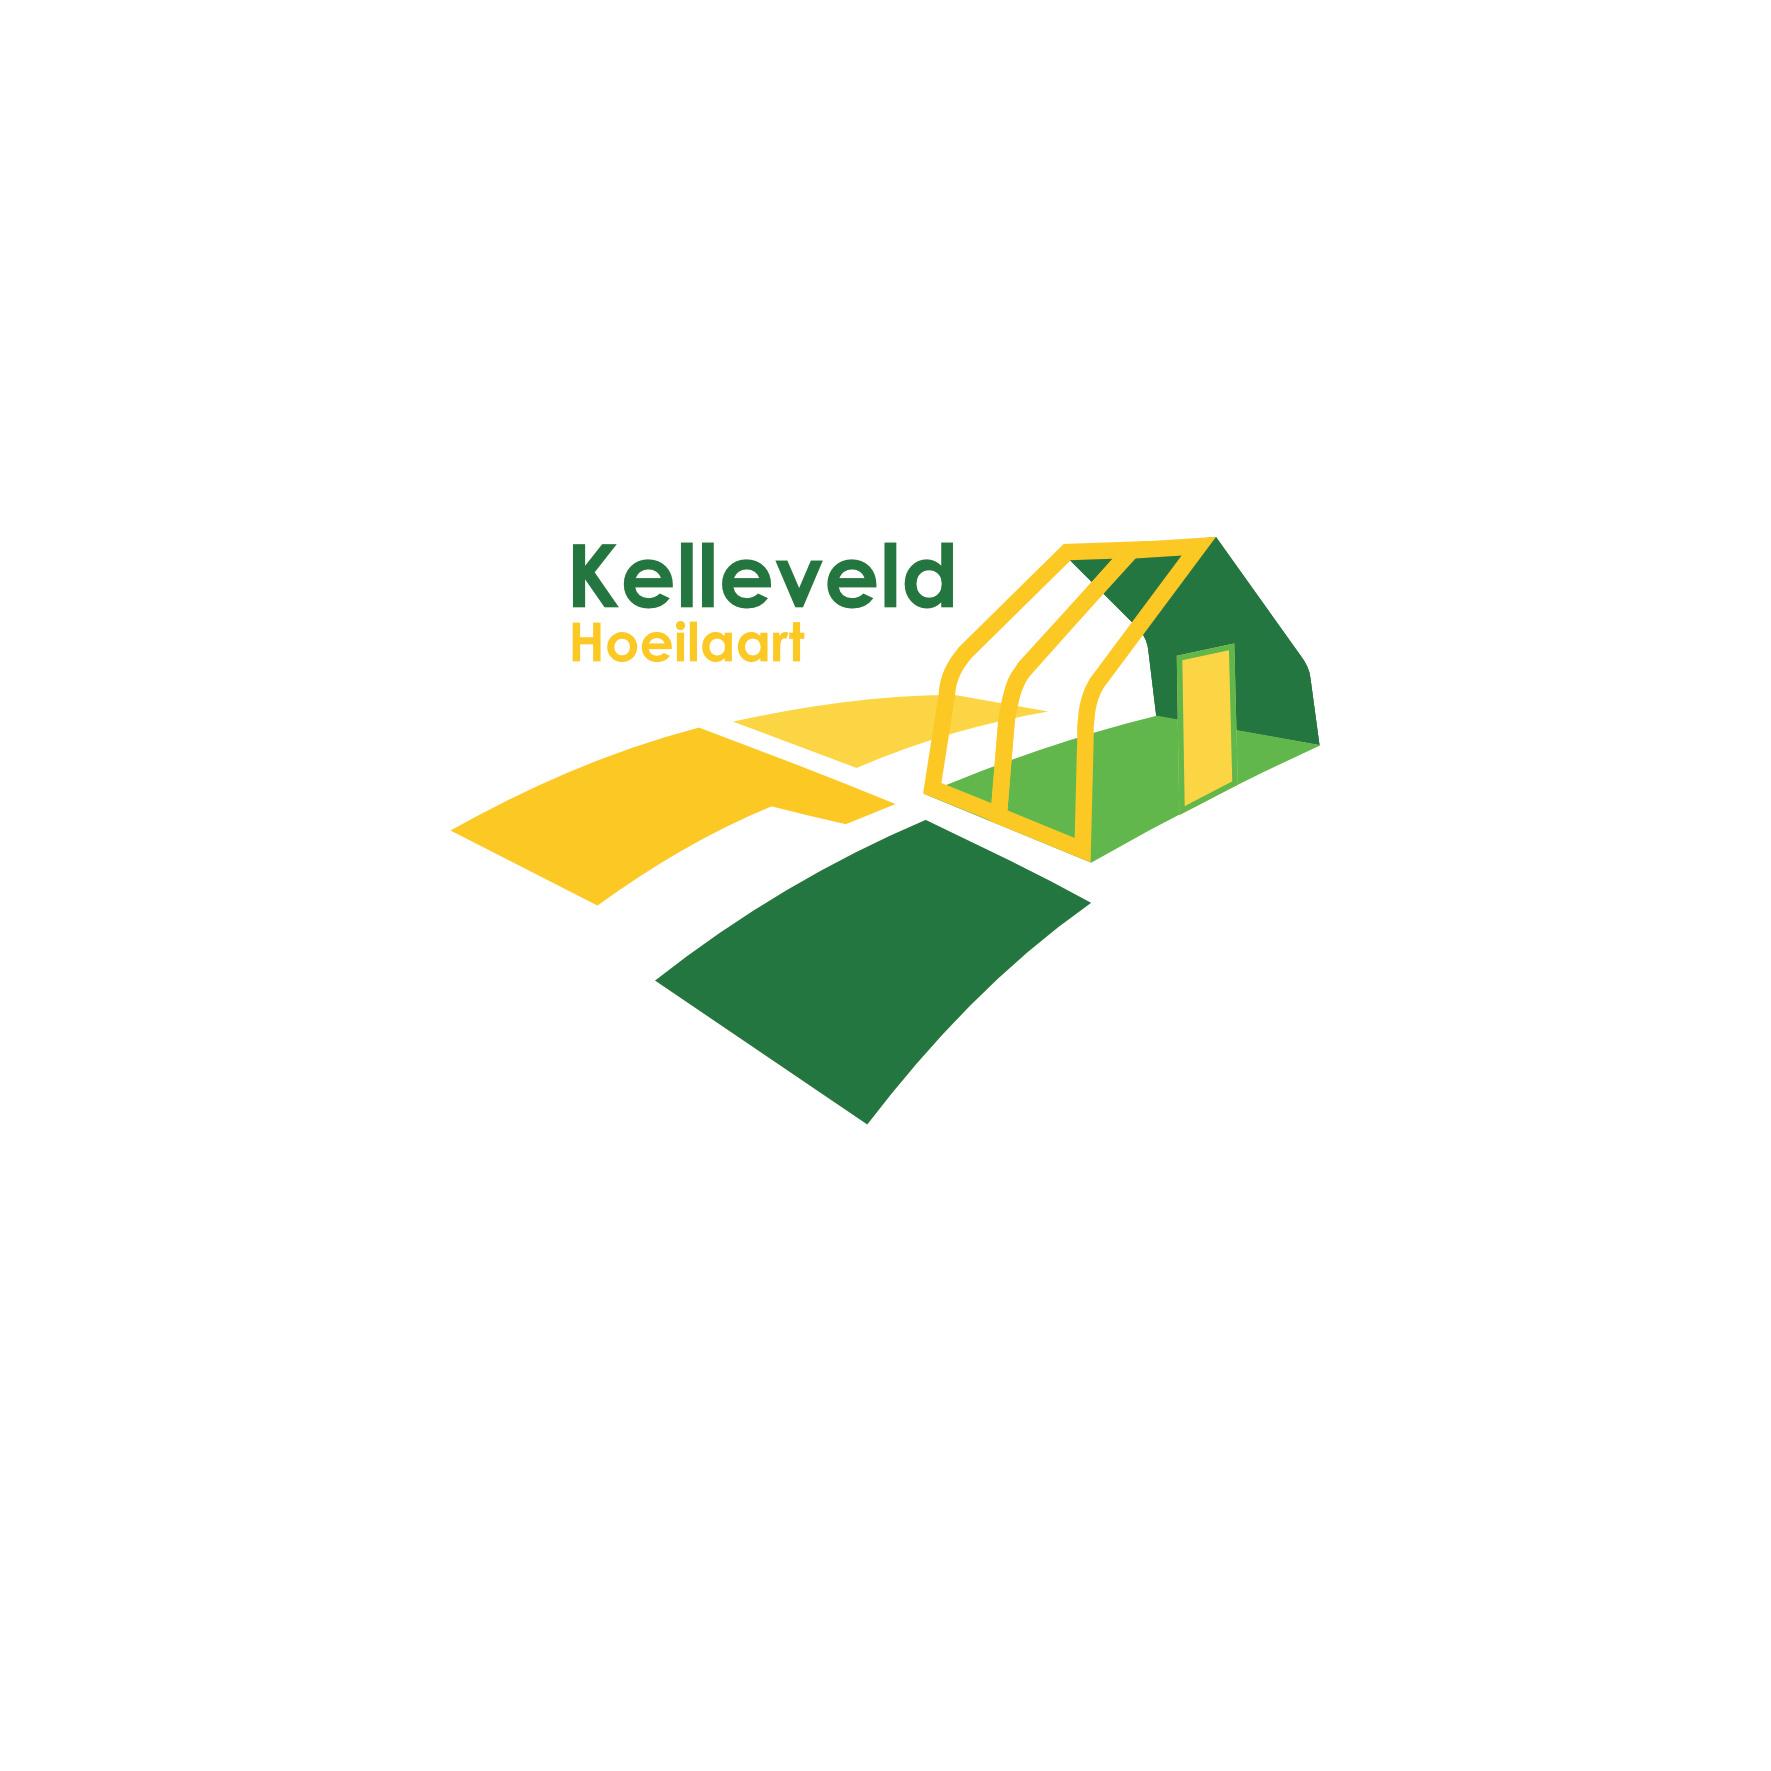 LOGO KELLEVELD